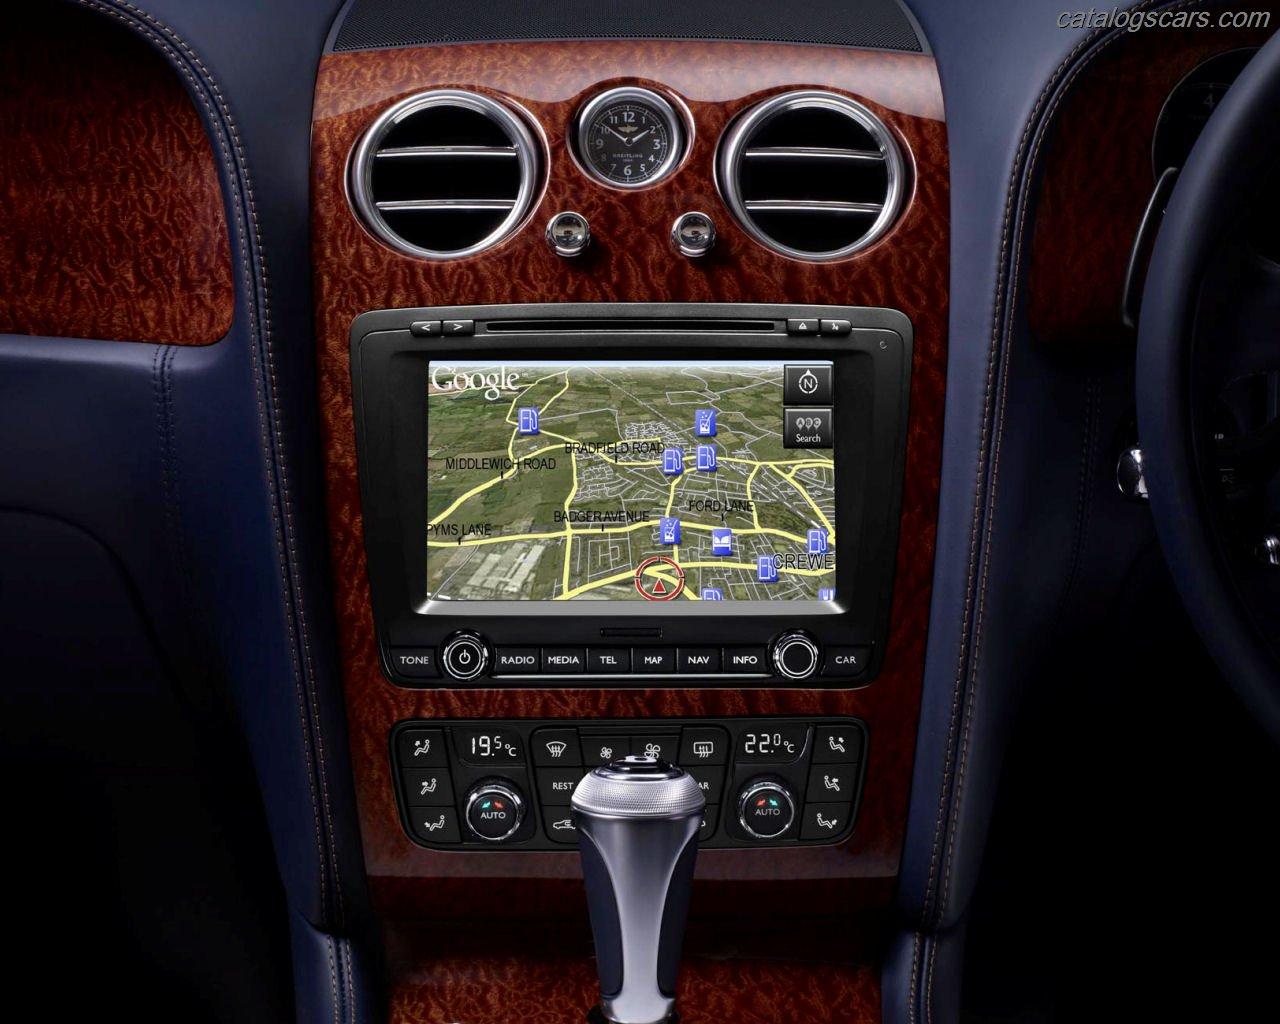 صور سيارة بنتلى كونتيننتال سيريس 51 2012 - اجمل خلفيات صور عربية بنتلى كونتيننتال سيريس 51 2012 - Bentley Continental Series 51 Photos Bentley-Continental-Series-51-2011-16.jpg